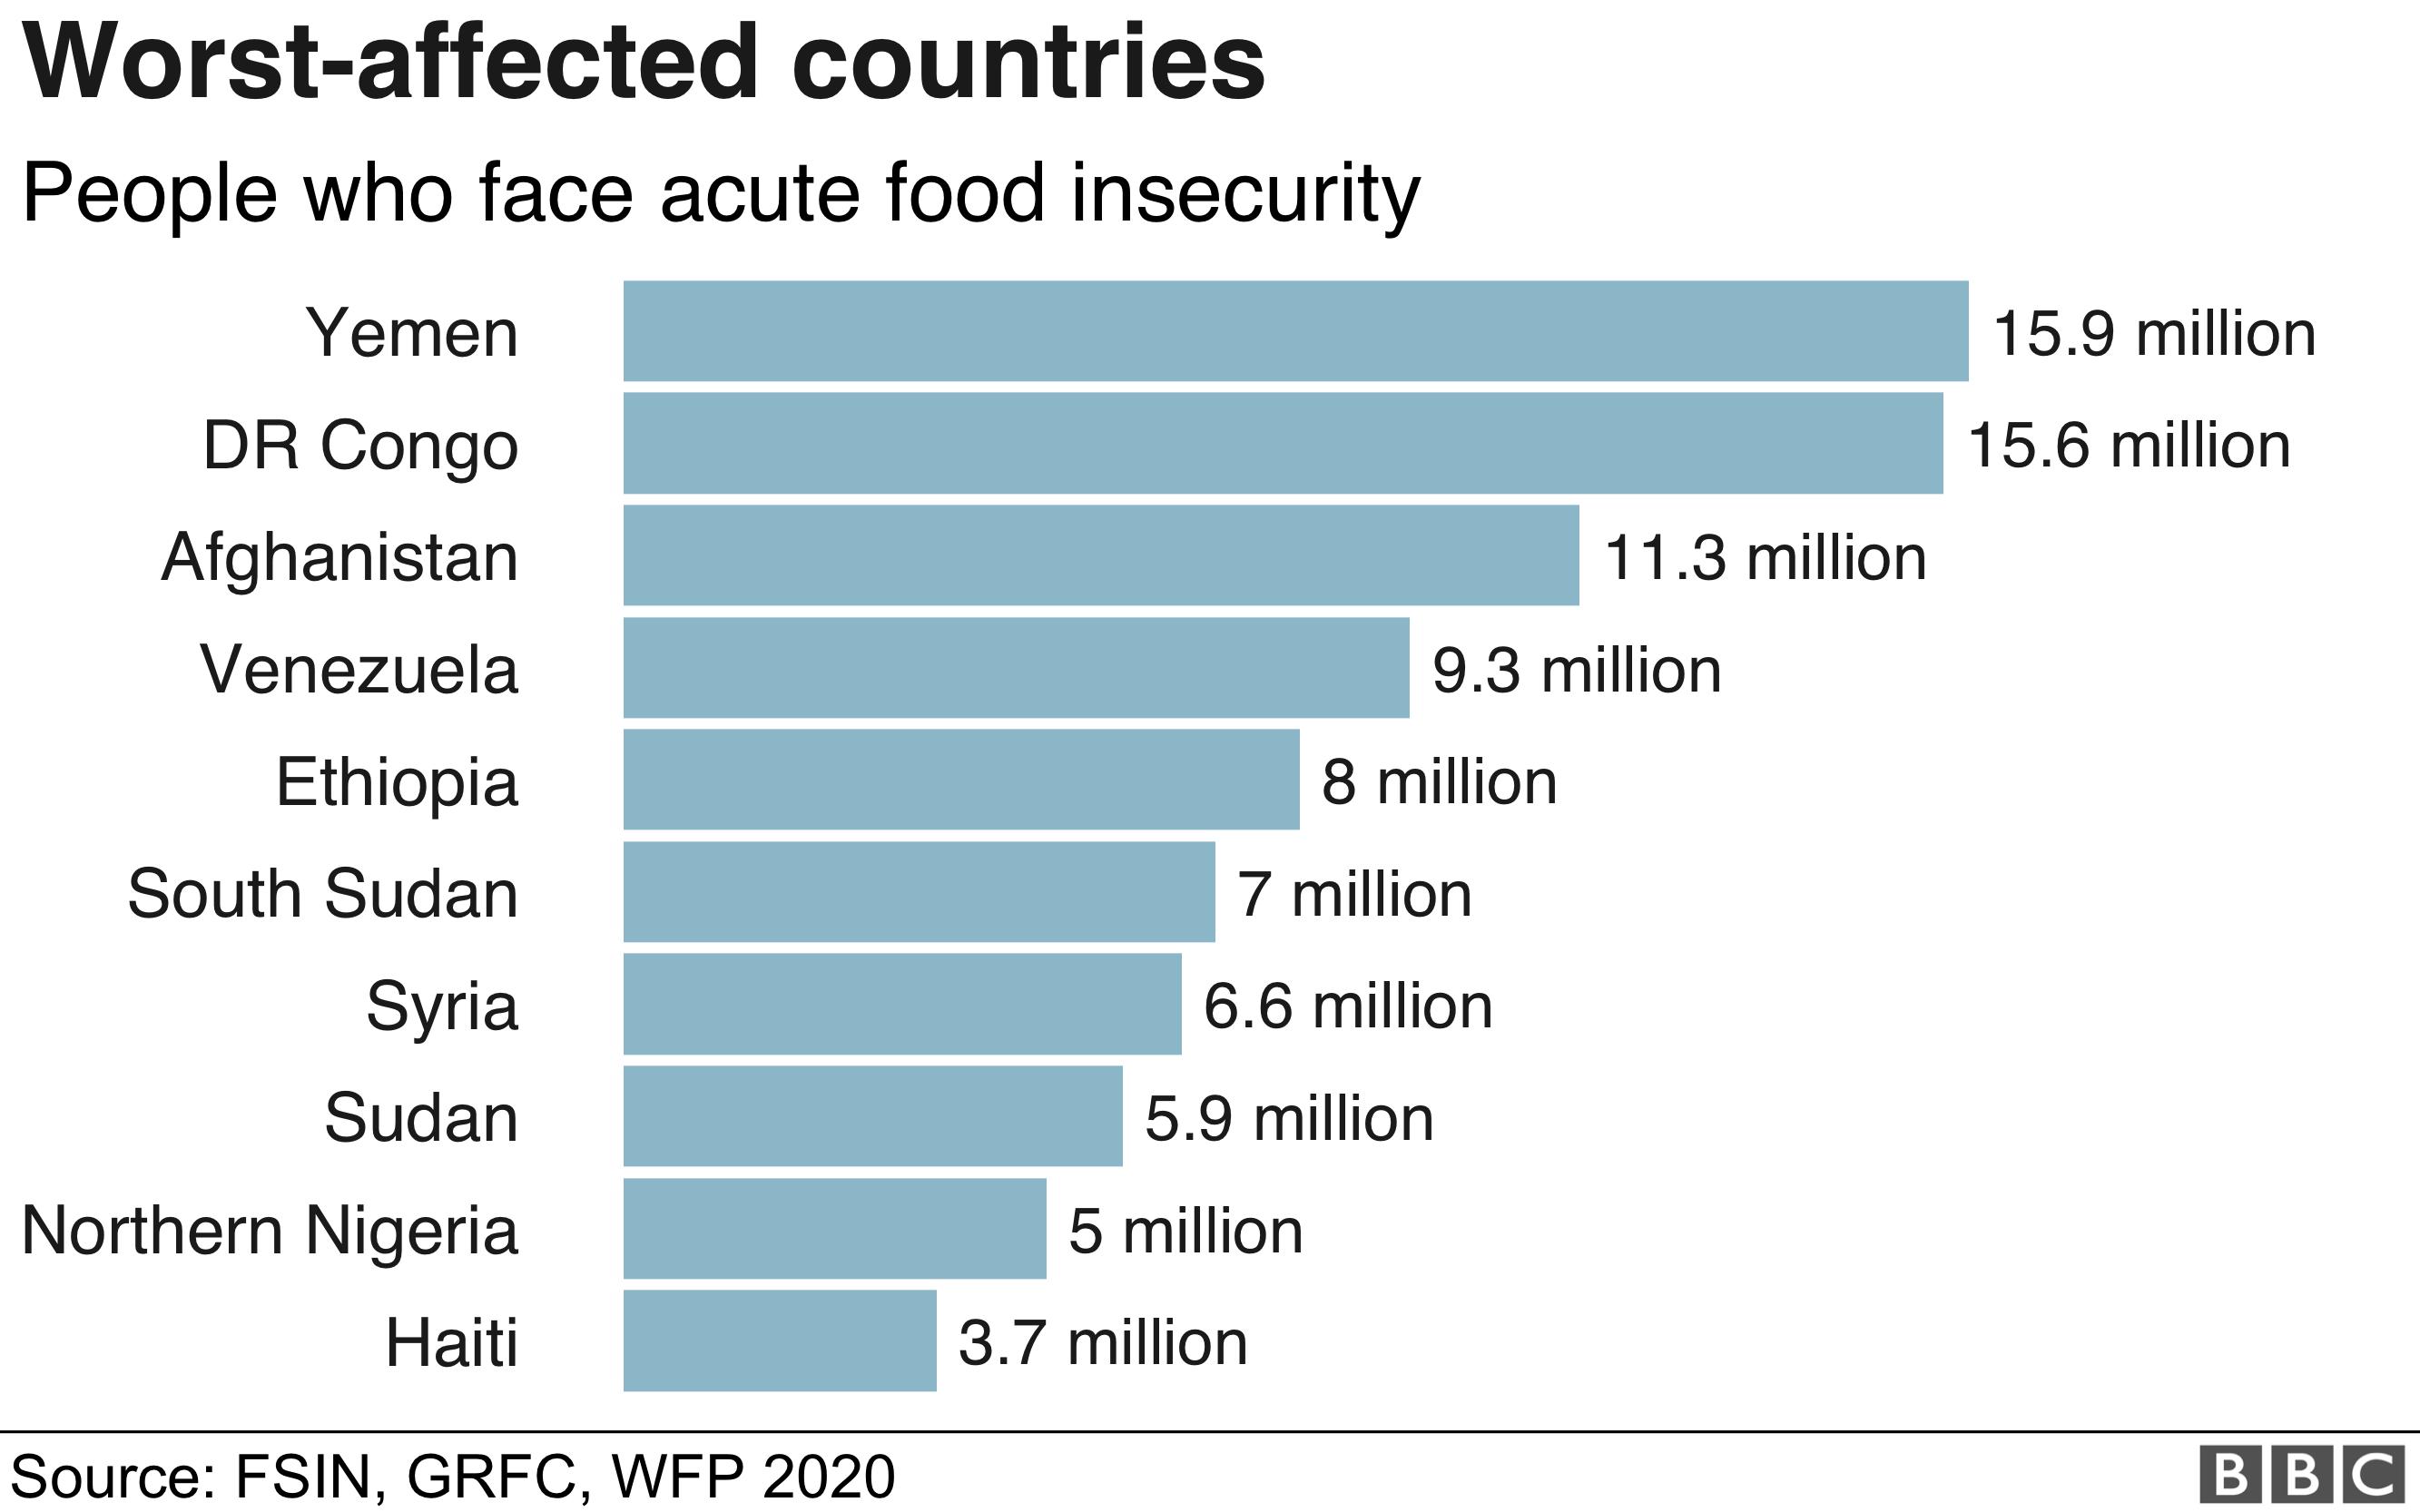 Gráfico que muestra los países más afectados